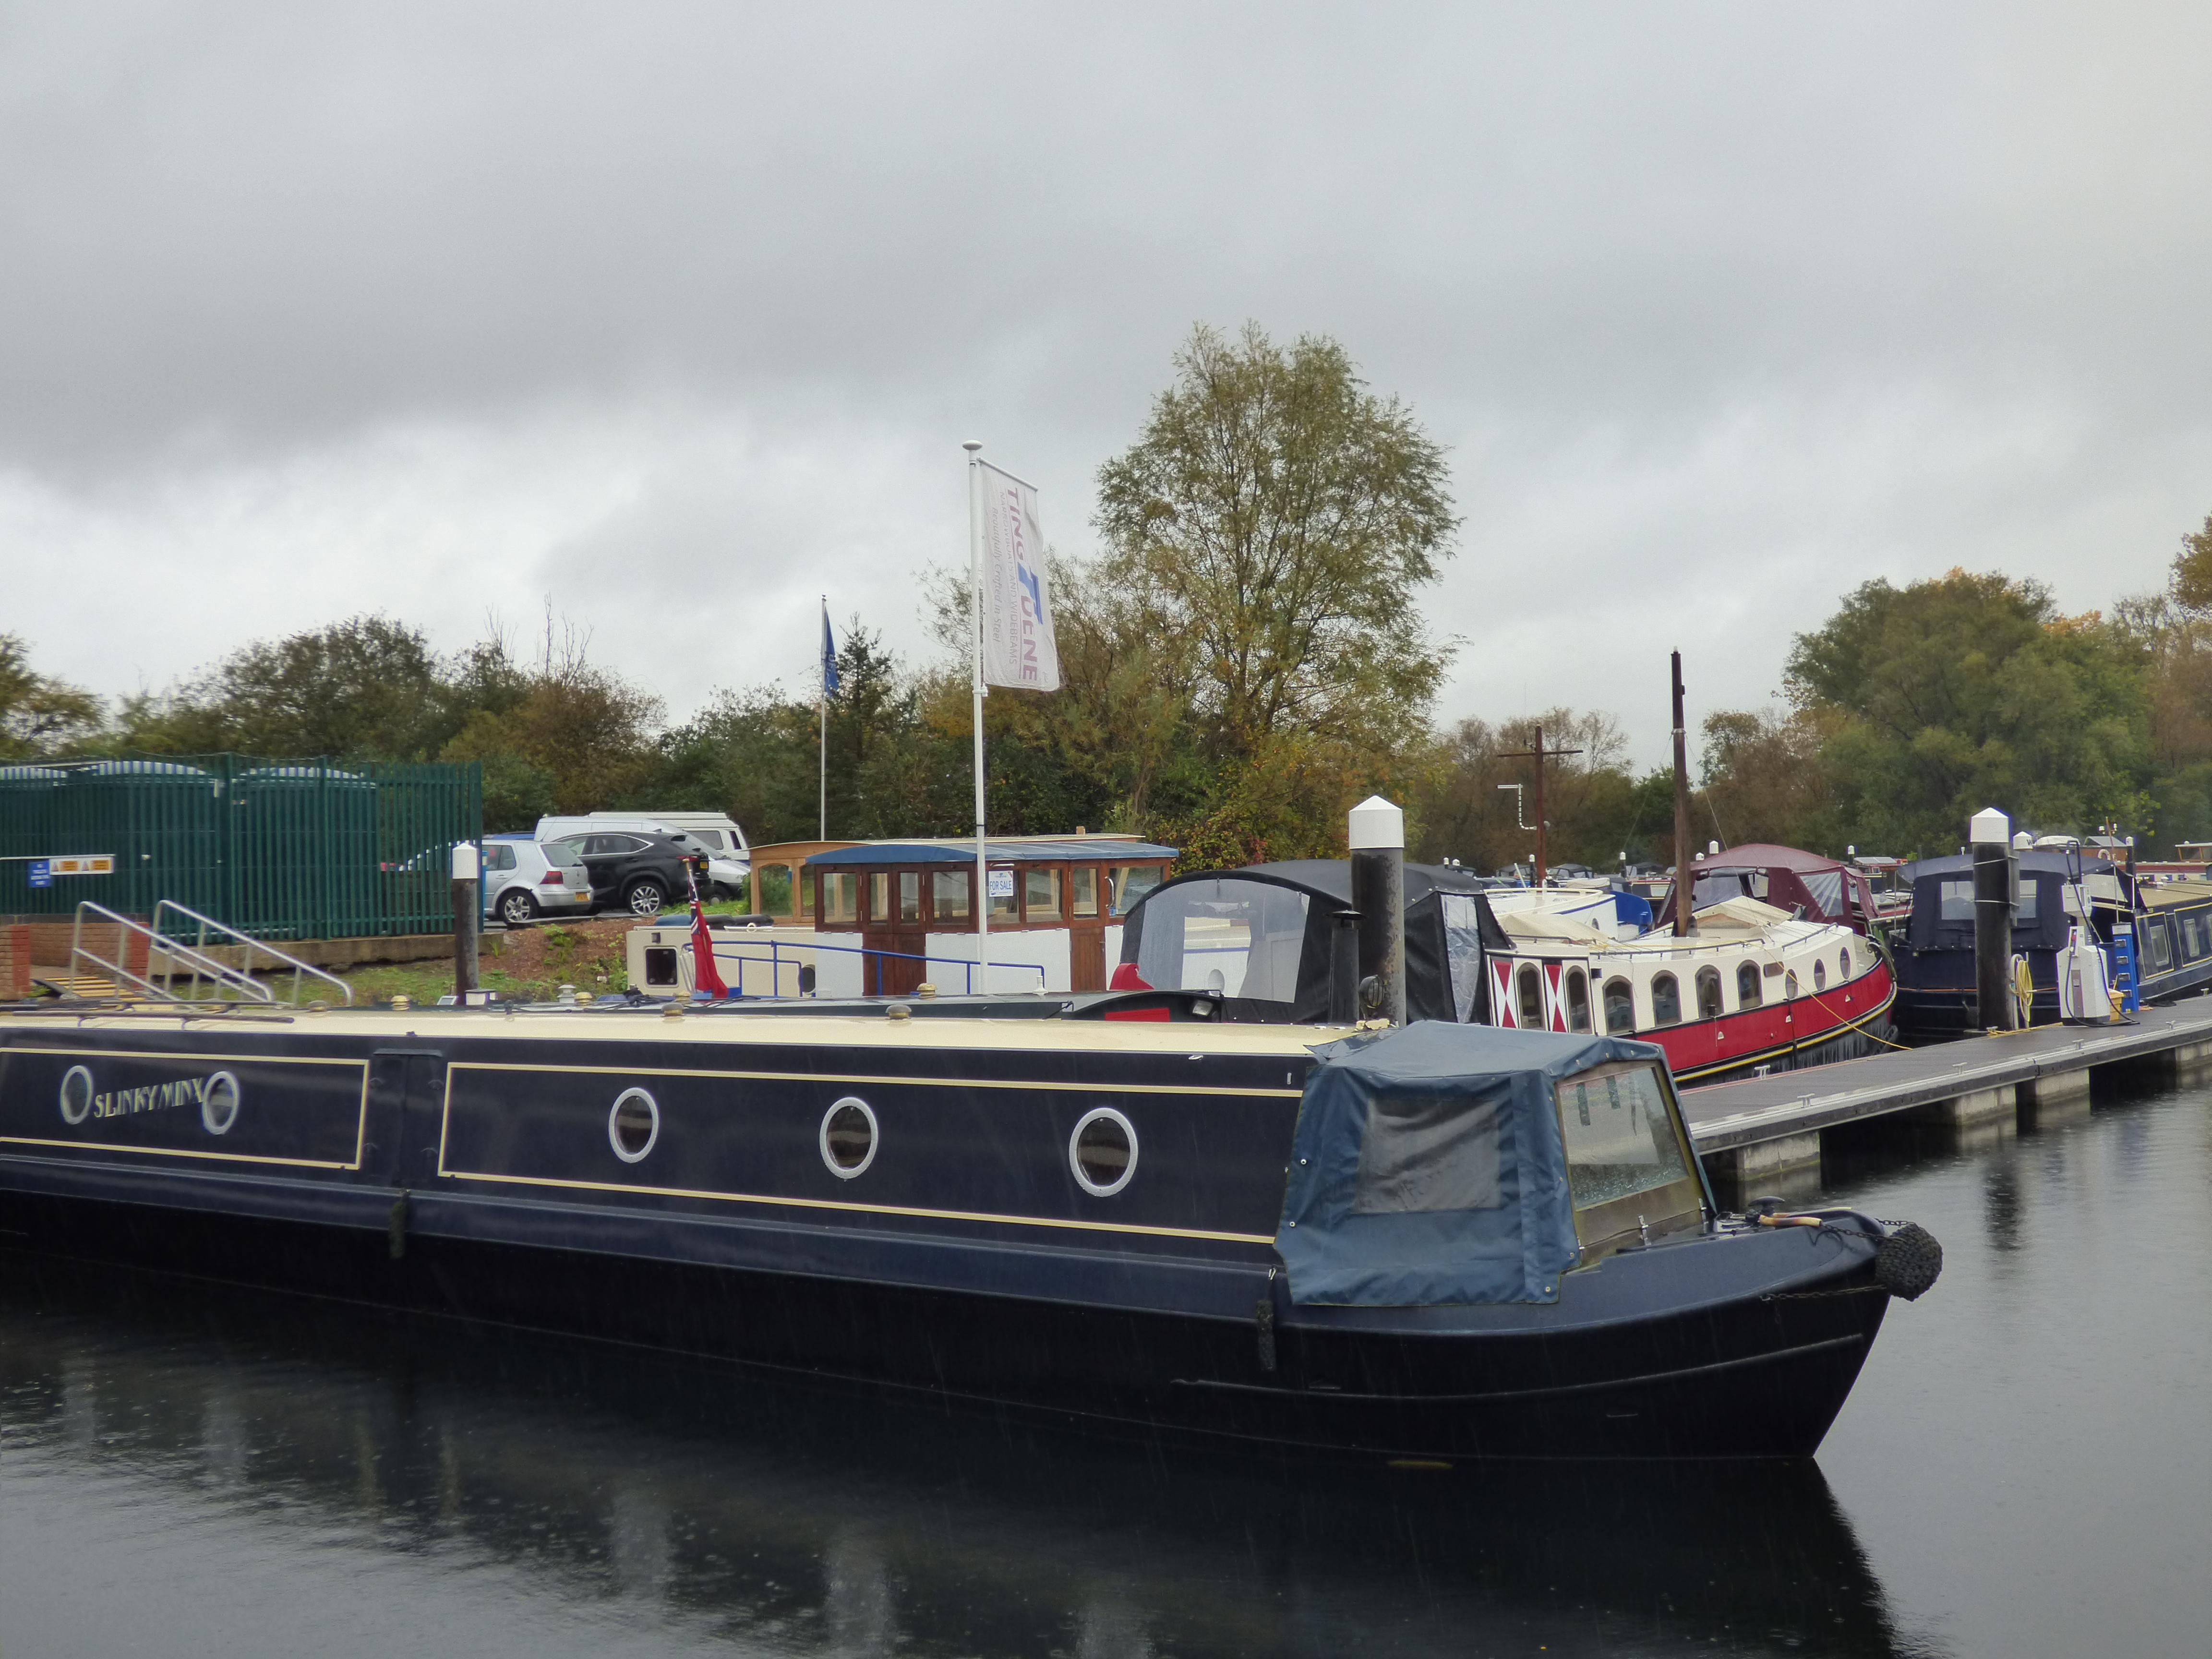 Narrowboat 57